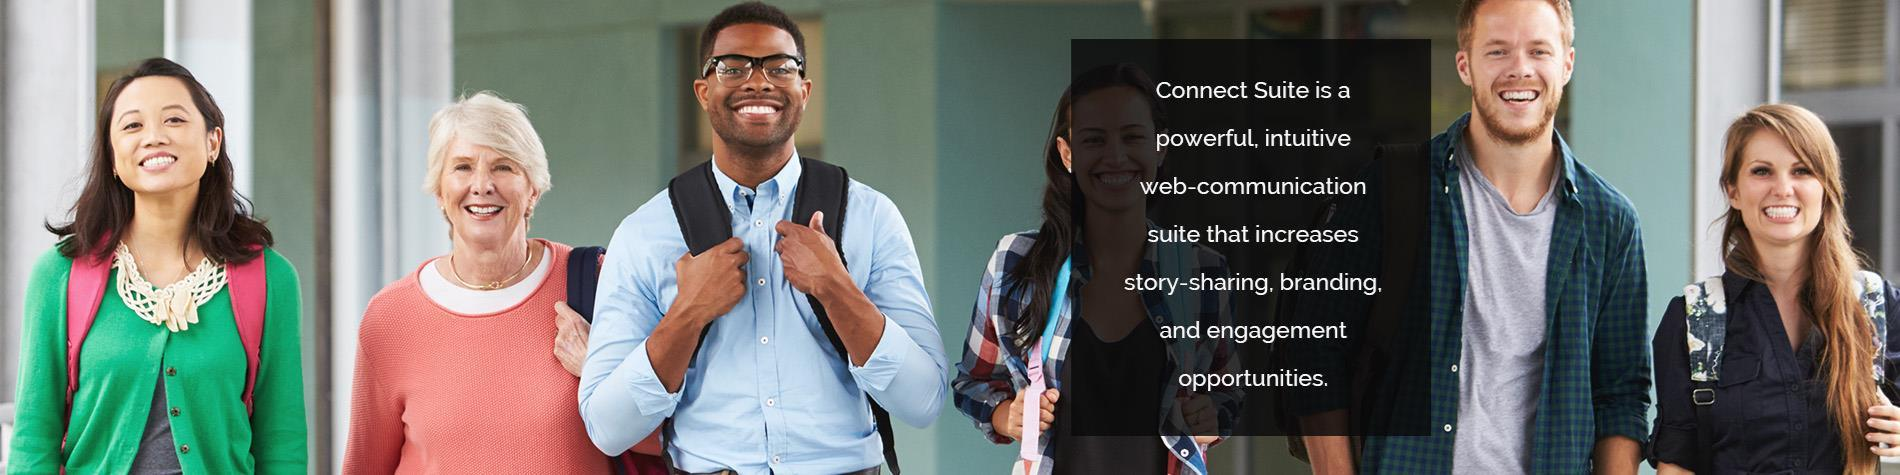 Connect Suite